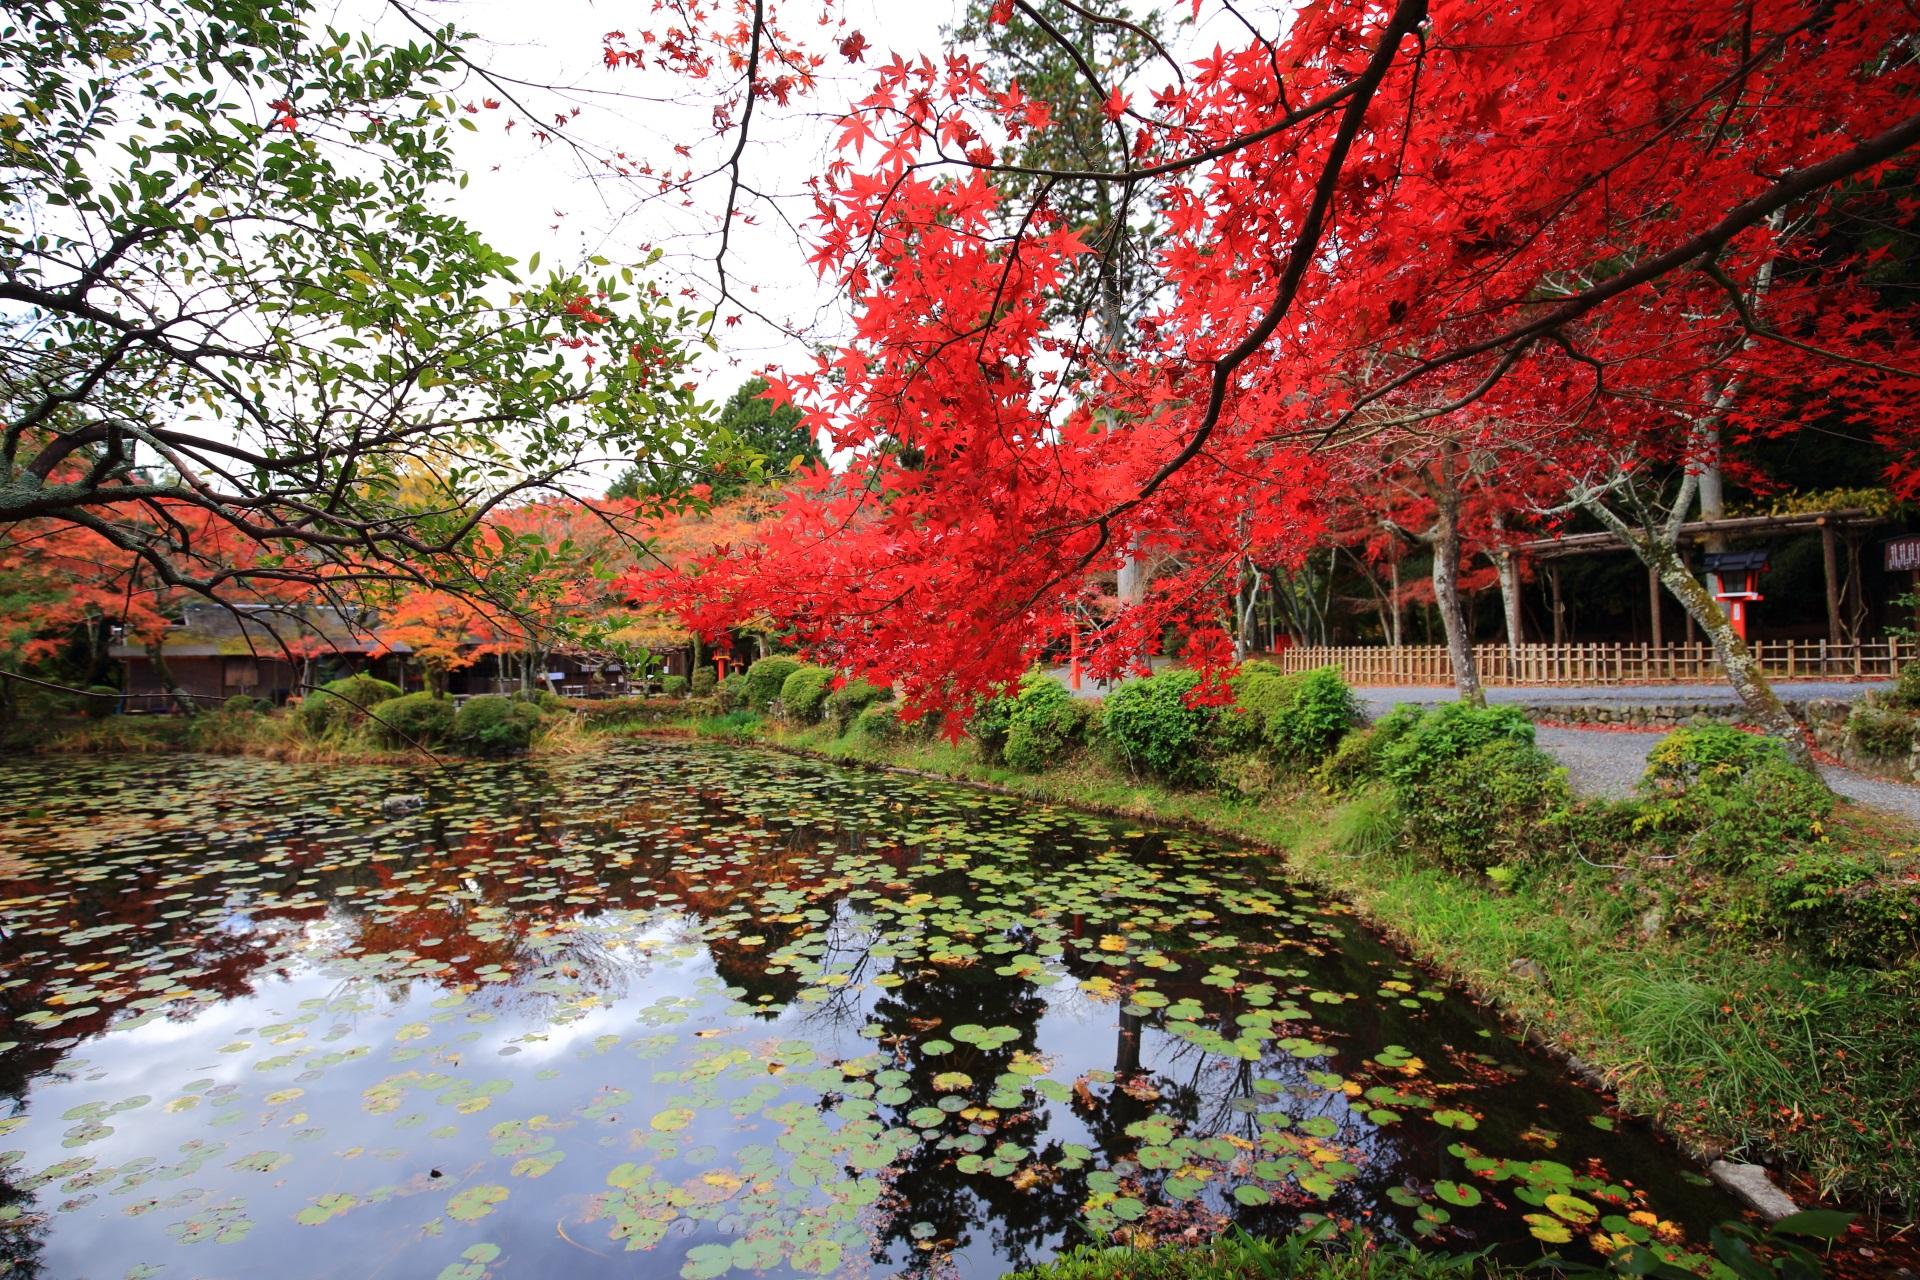 大原野神社の鯉沢の池の水辺を染める真っ赤な紅葉